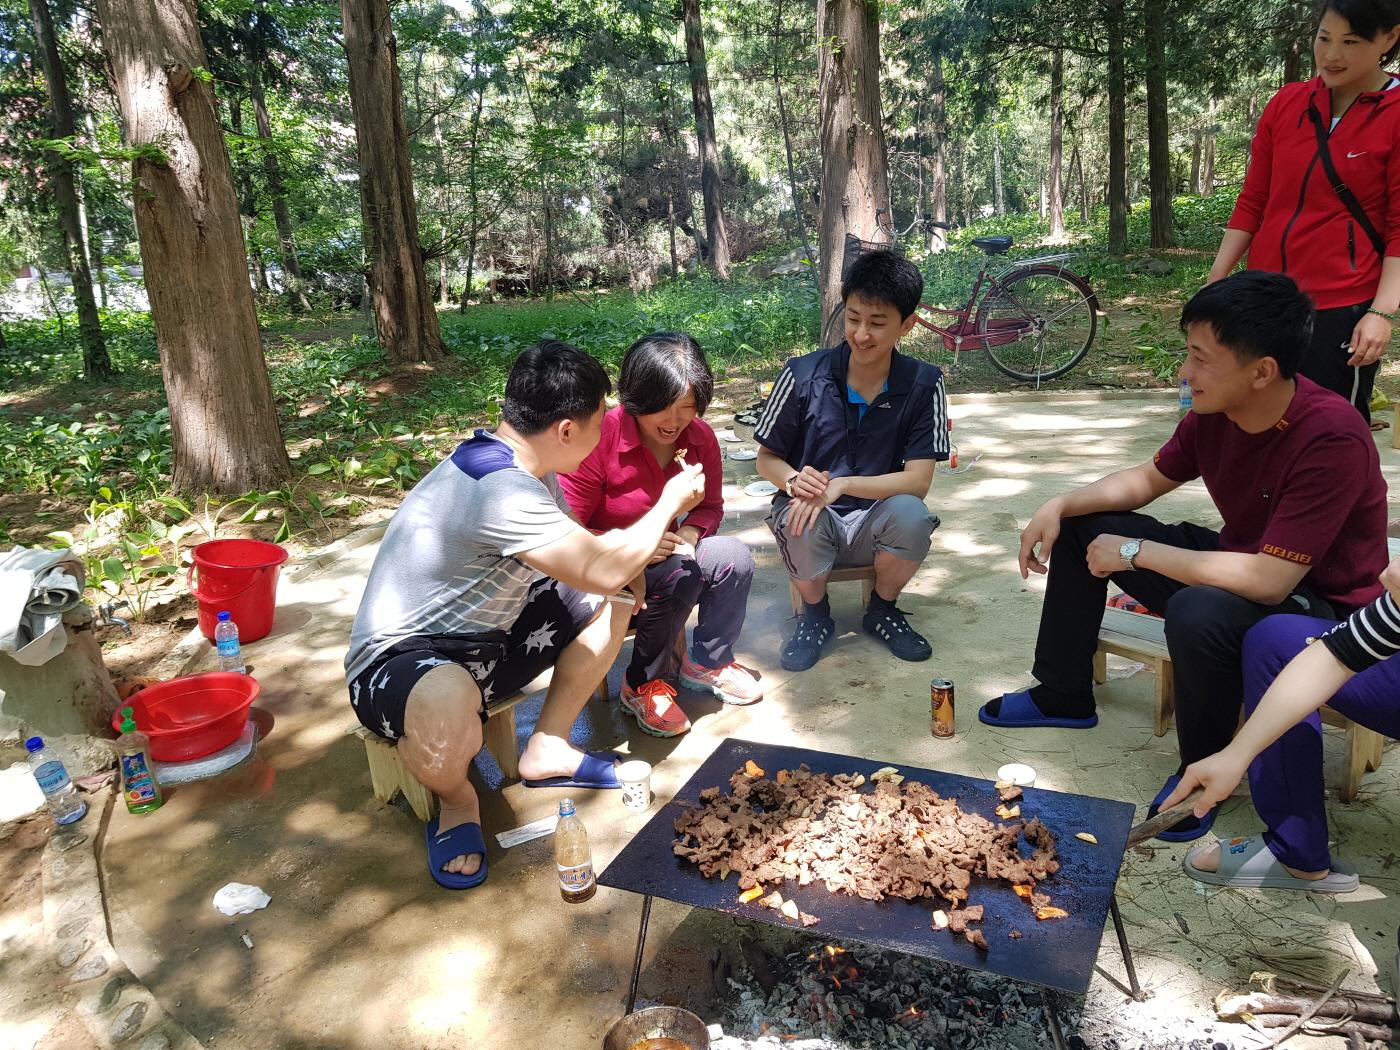 a_19 용강온천 숲에서 북청년들과 바비큐.jpg